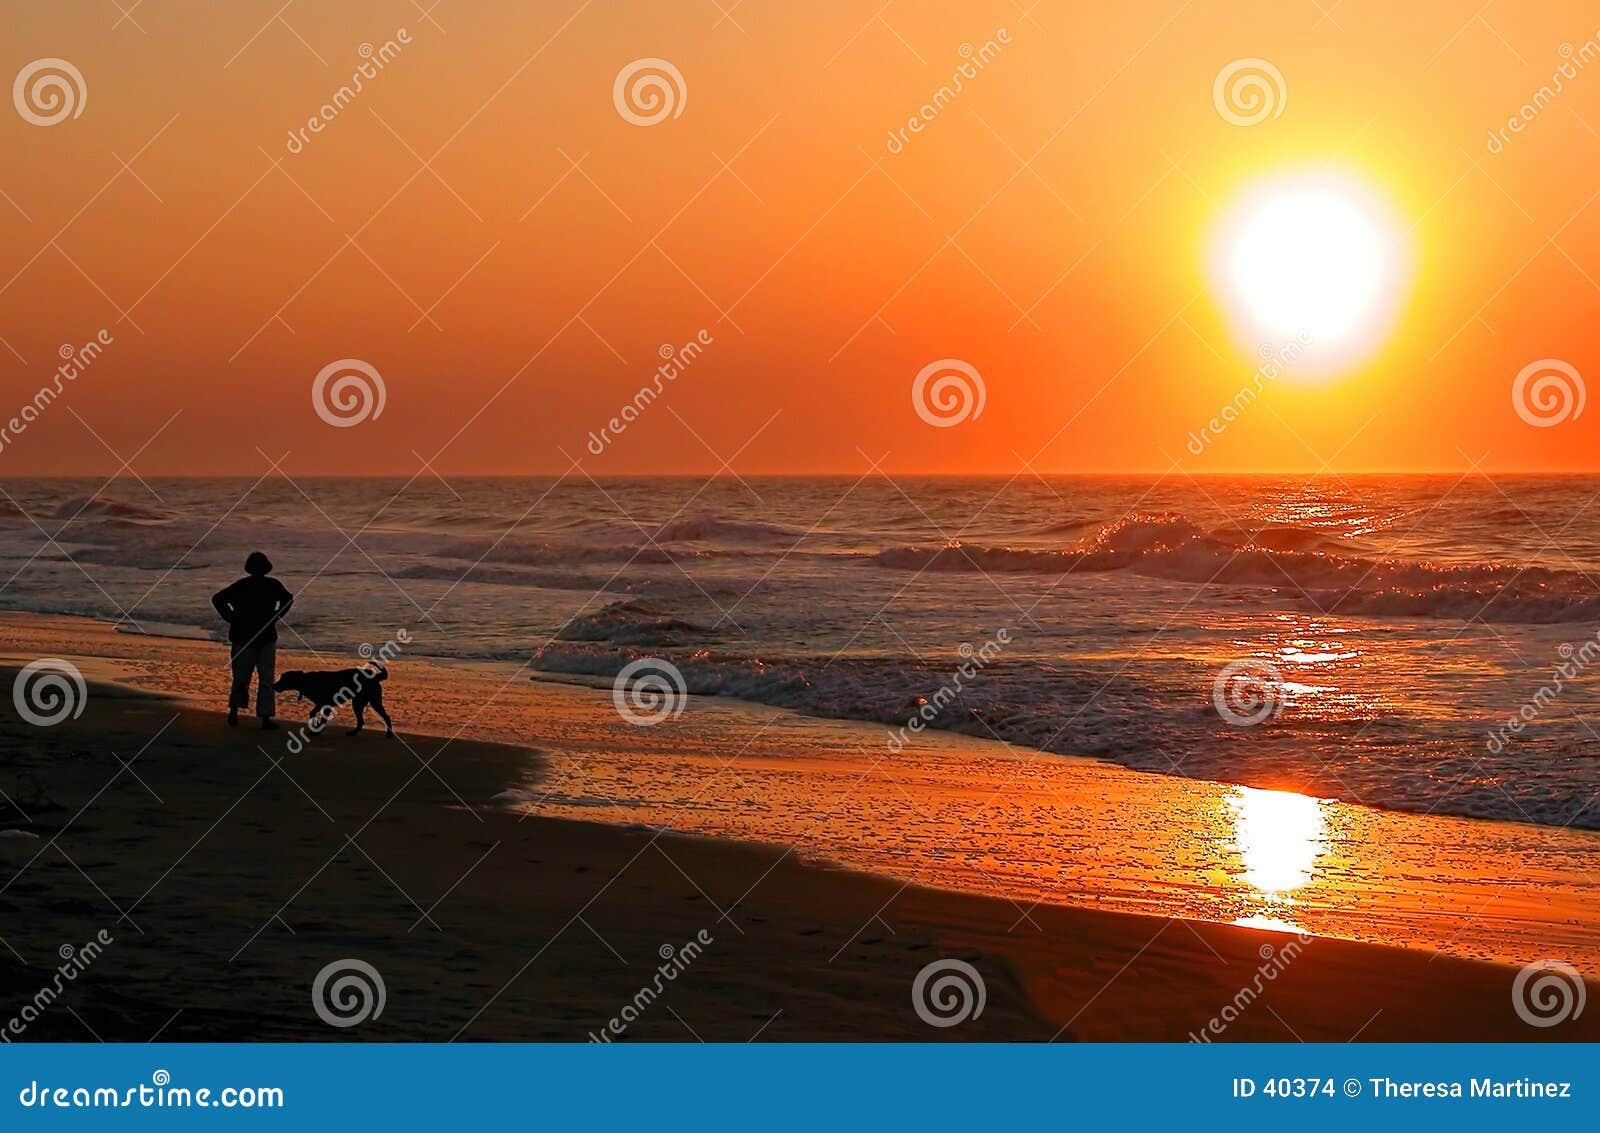 Download Recorriendo el perro foto de archivo. Imagen de juego, activo - 40374